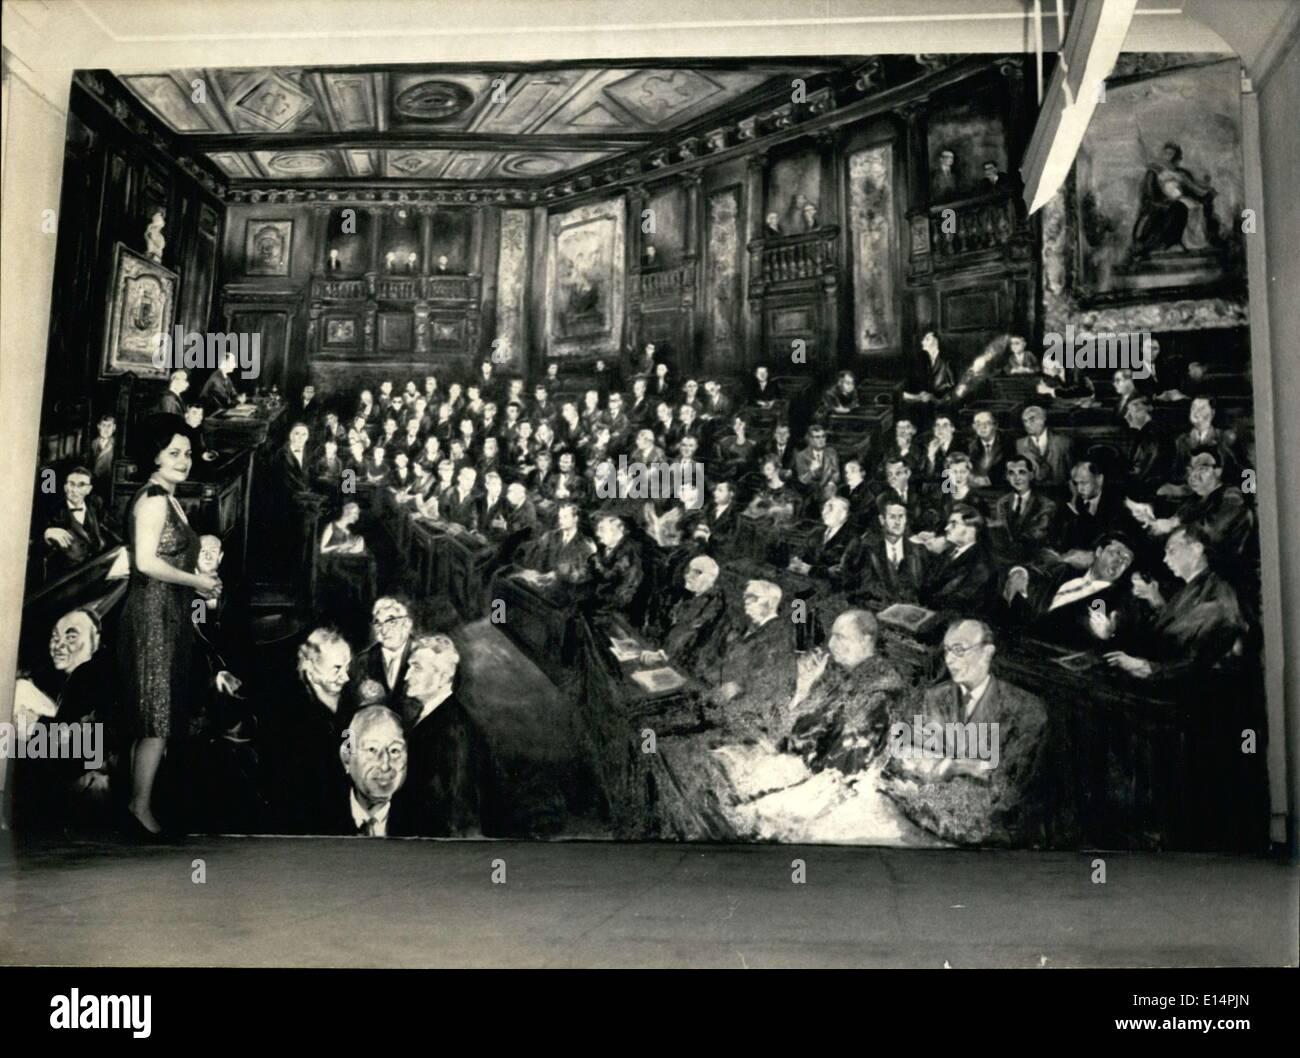 12. April 2012 - dieses riesige Bild mit dem Titel ist '' der städtische Rat von Paris'' die Hauptattraktion der Ausstellung Marcel Bernhein, die heute eröffnet. Stockbild